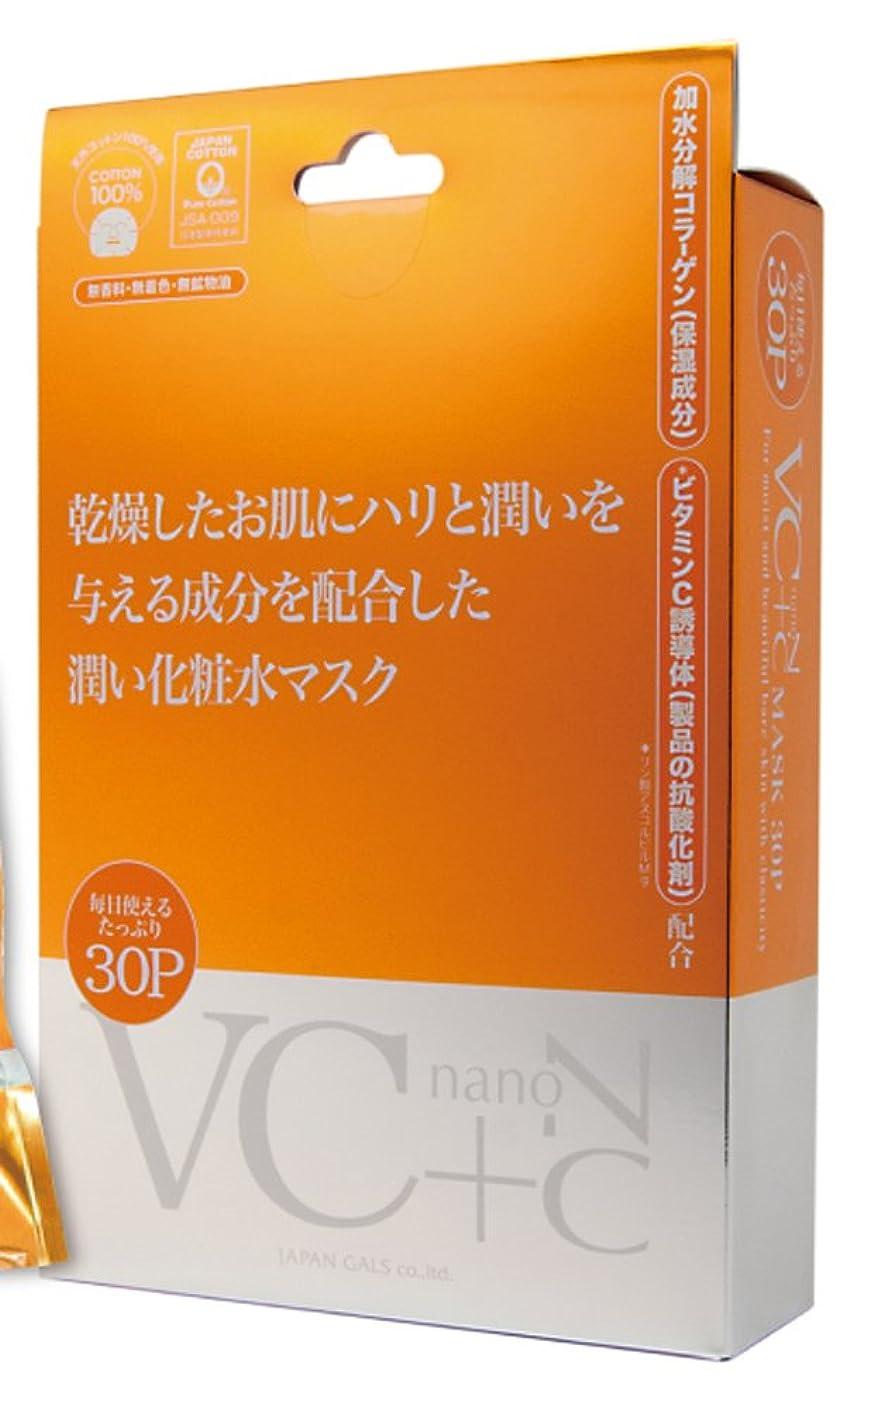 チーズ利得承認するジャパンギャルズ VC+nanoC(ブイシープラスナノシー) マスク30P